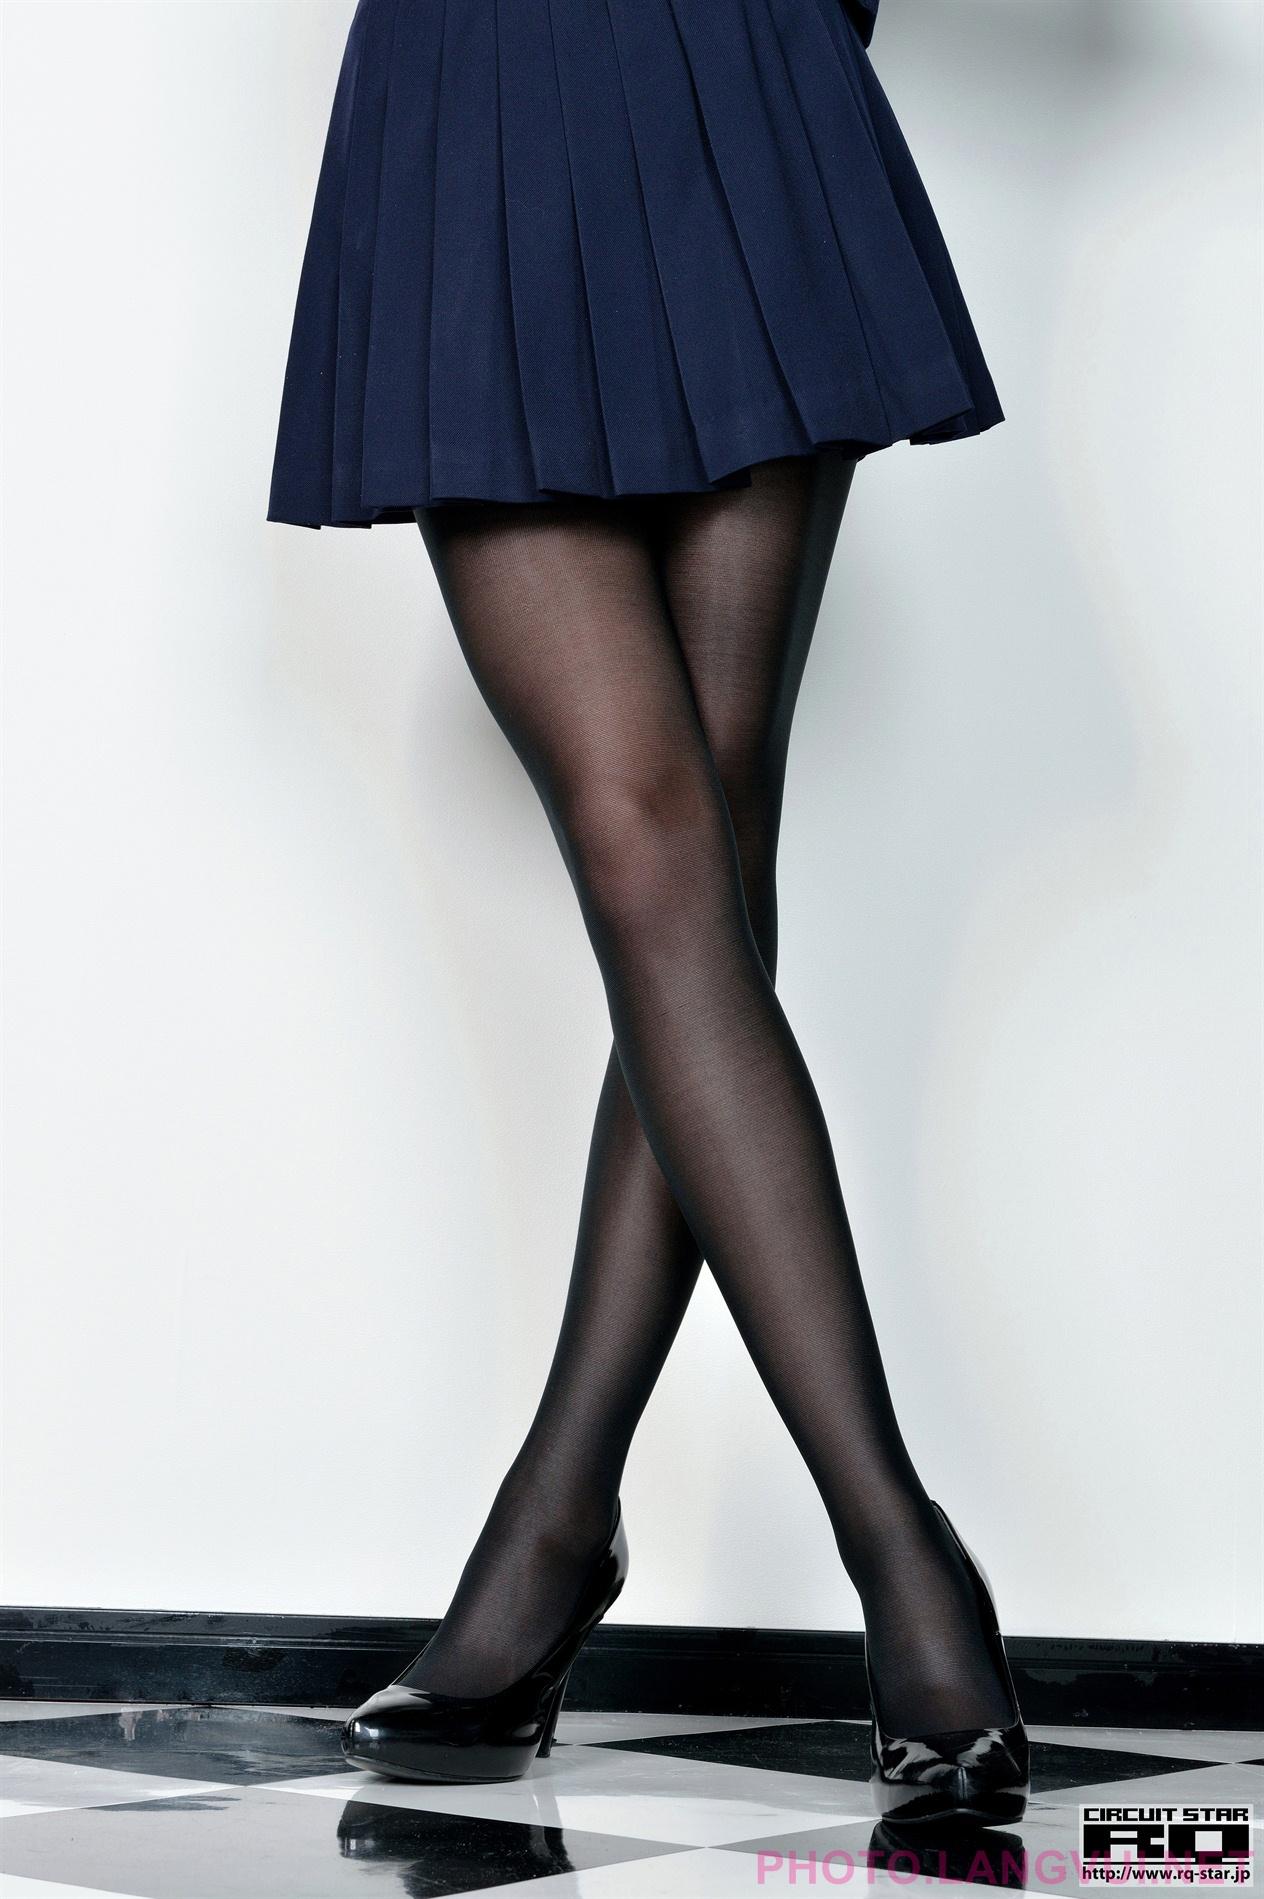 RQ STAR No 01058 Miho Abe School Girl